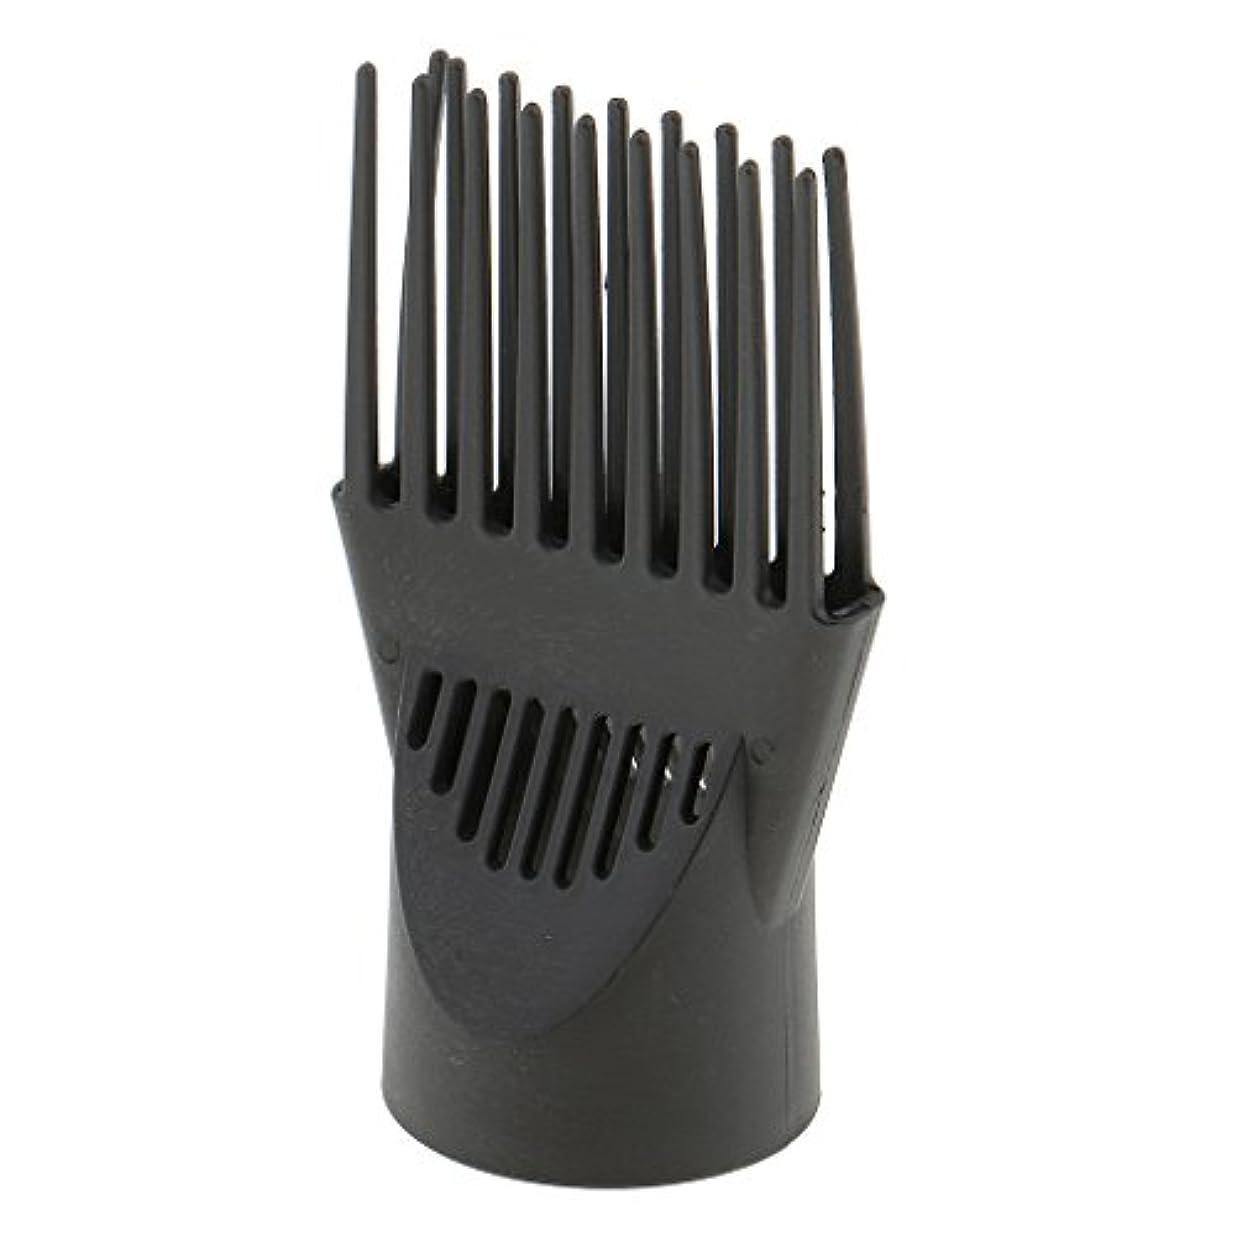 ルー経度未払いCUTICATE ヘアドライヤーディフューザー 風吹きカバー プラスチック デュアルグリップ ユニバーサル